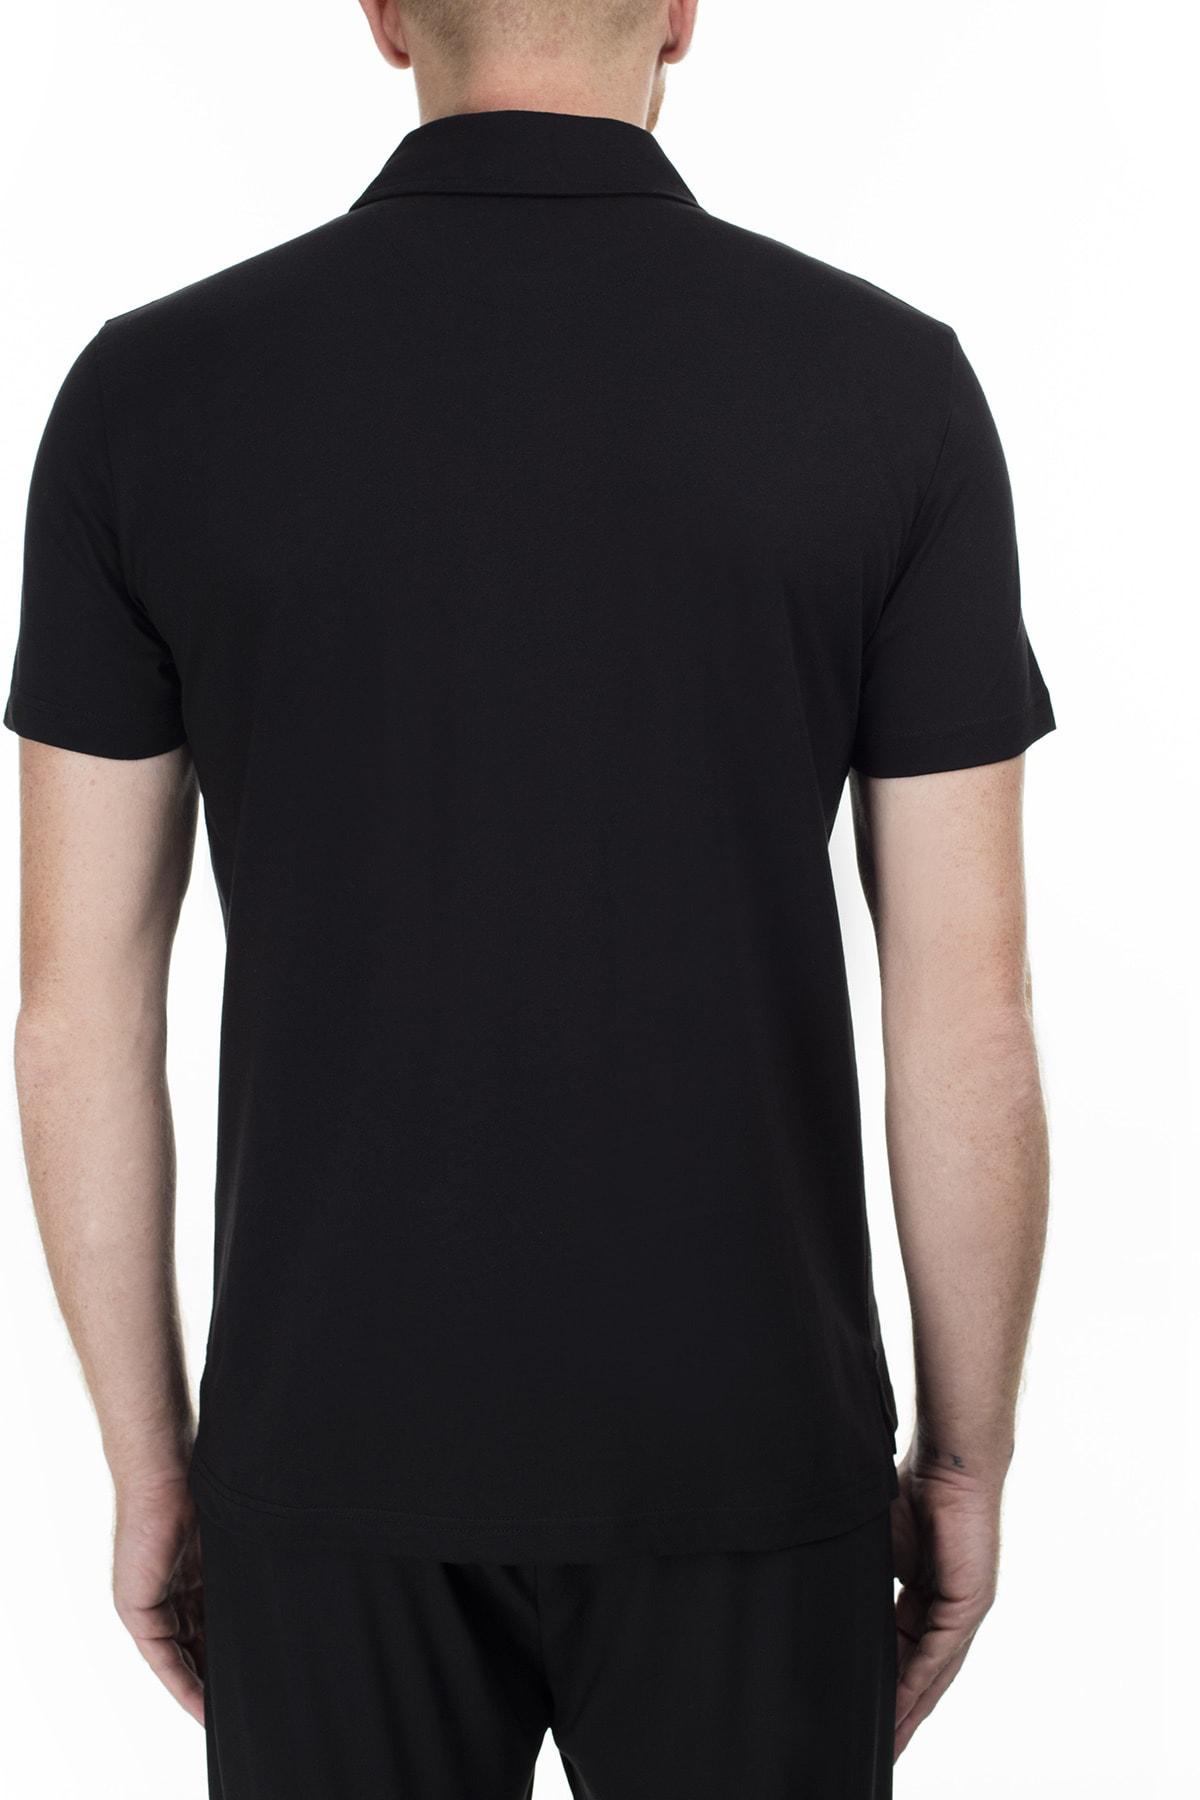 Love Moschino Erkek Siyah T-Shirt S M831802M3876 C74 2